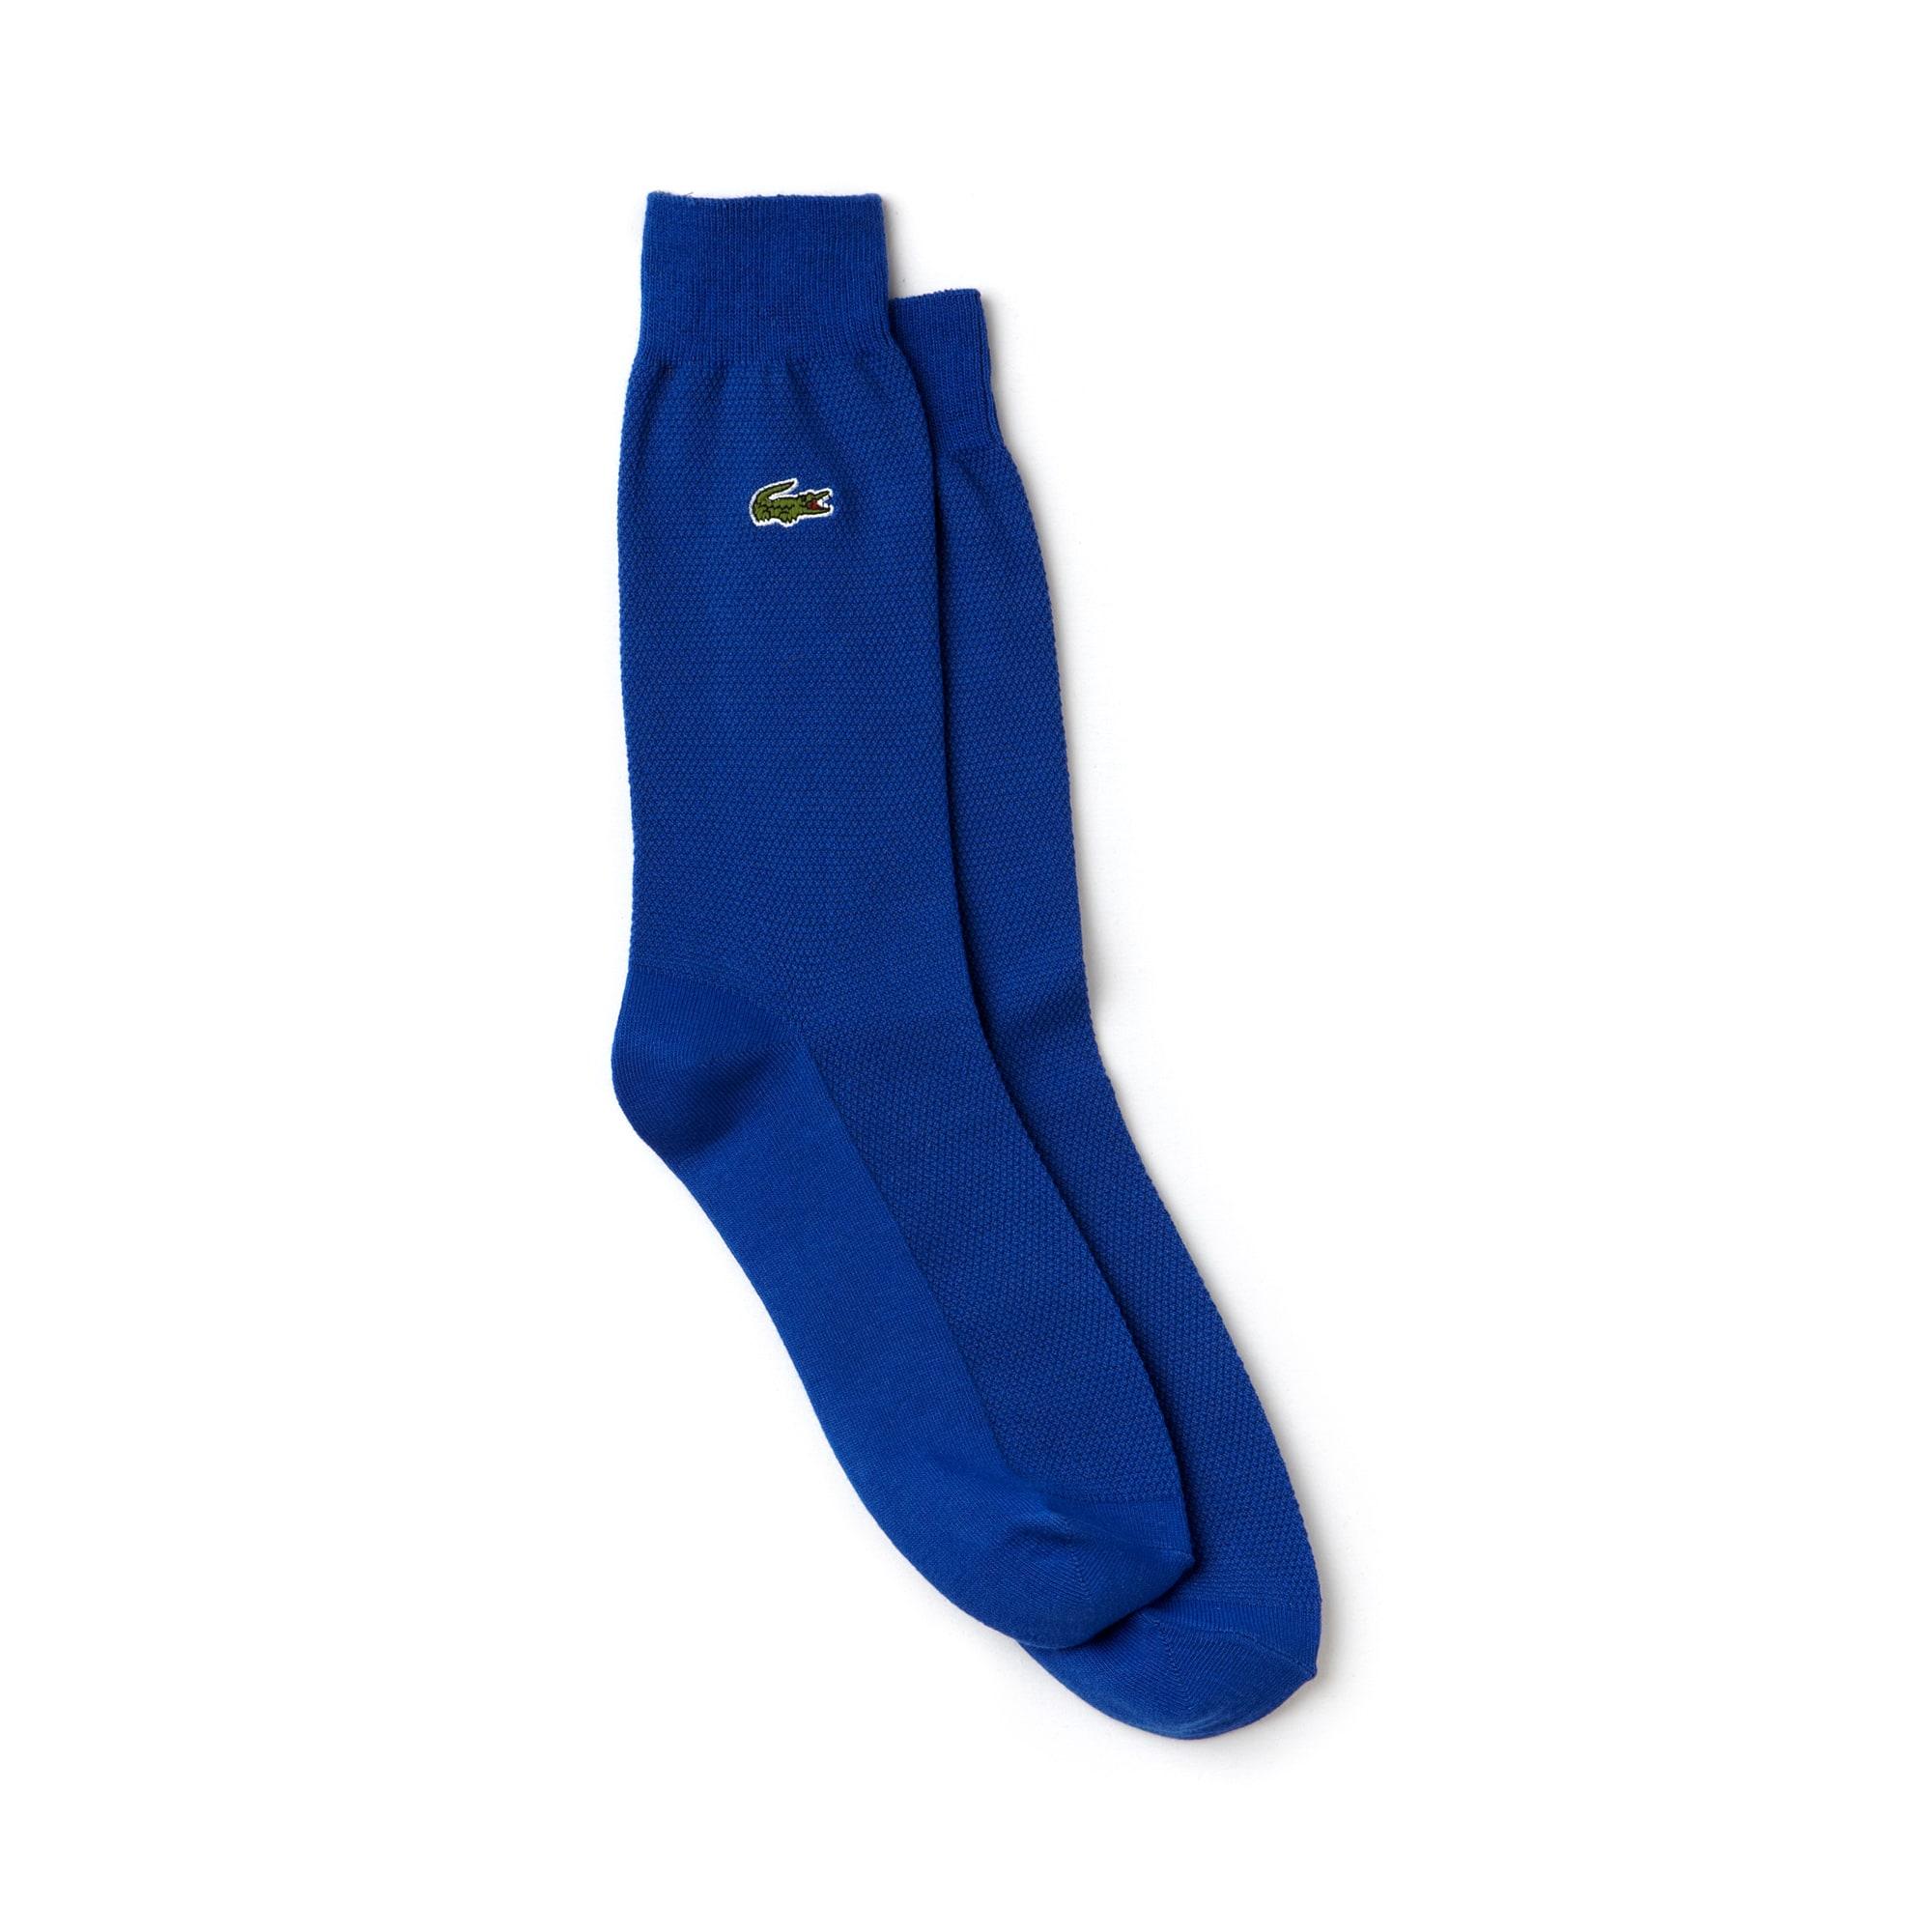 Chaussettes en jersey de coton stretch